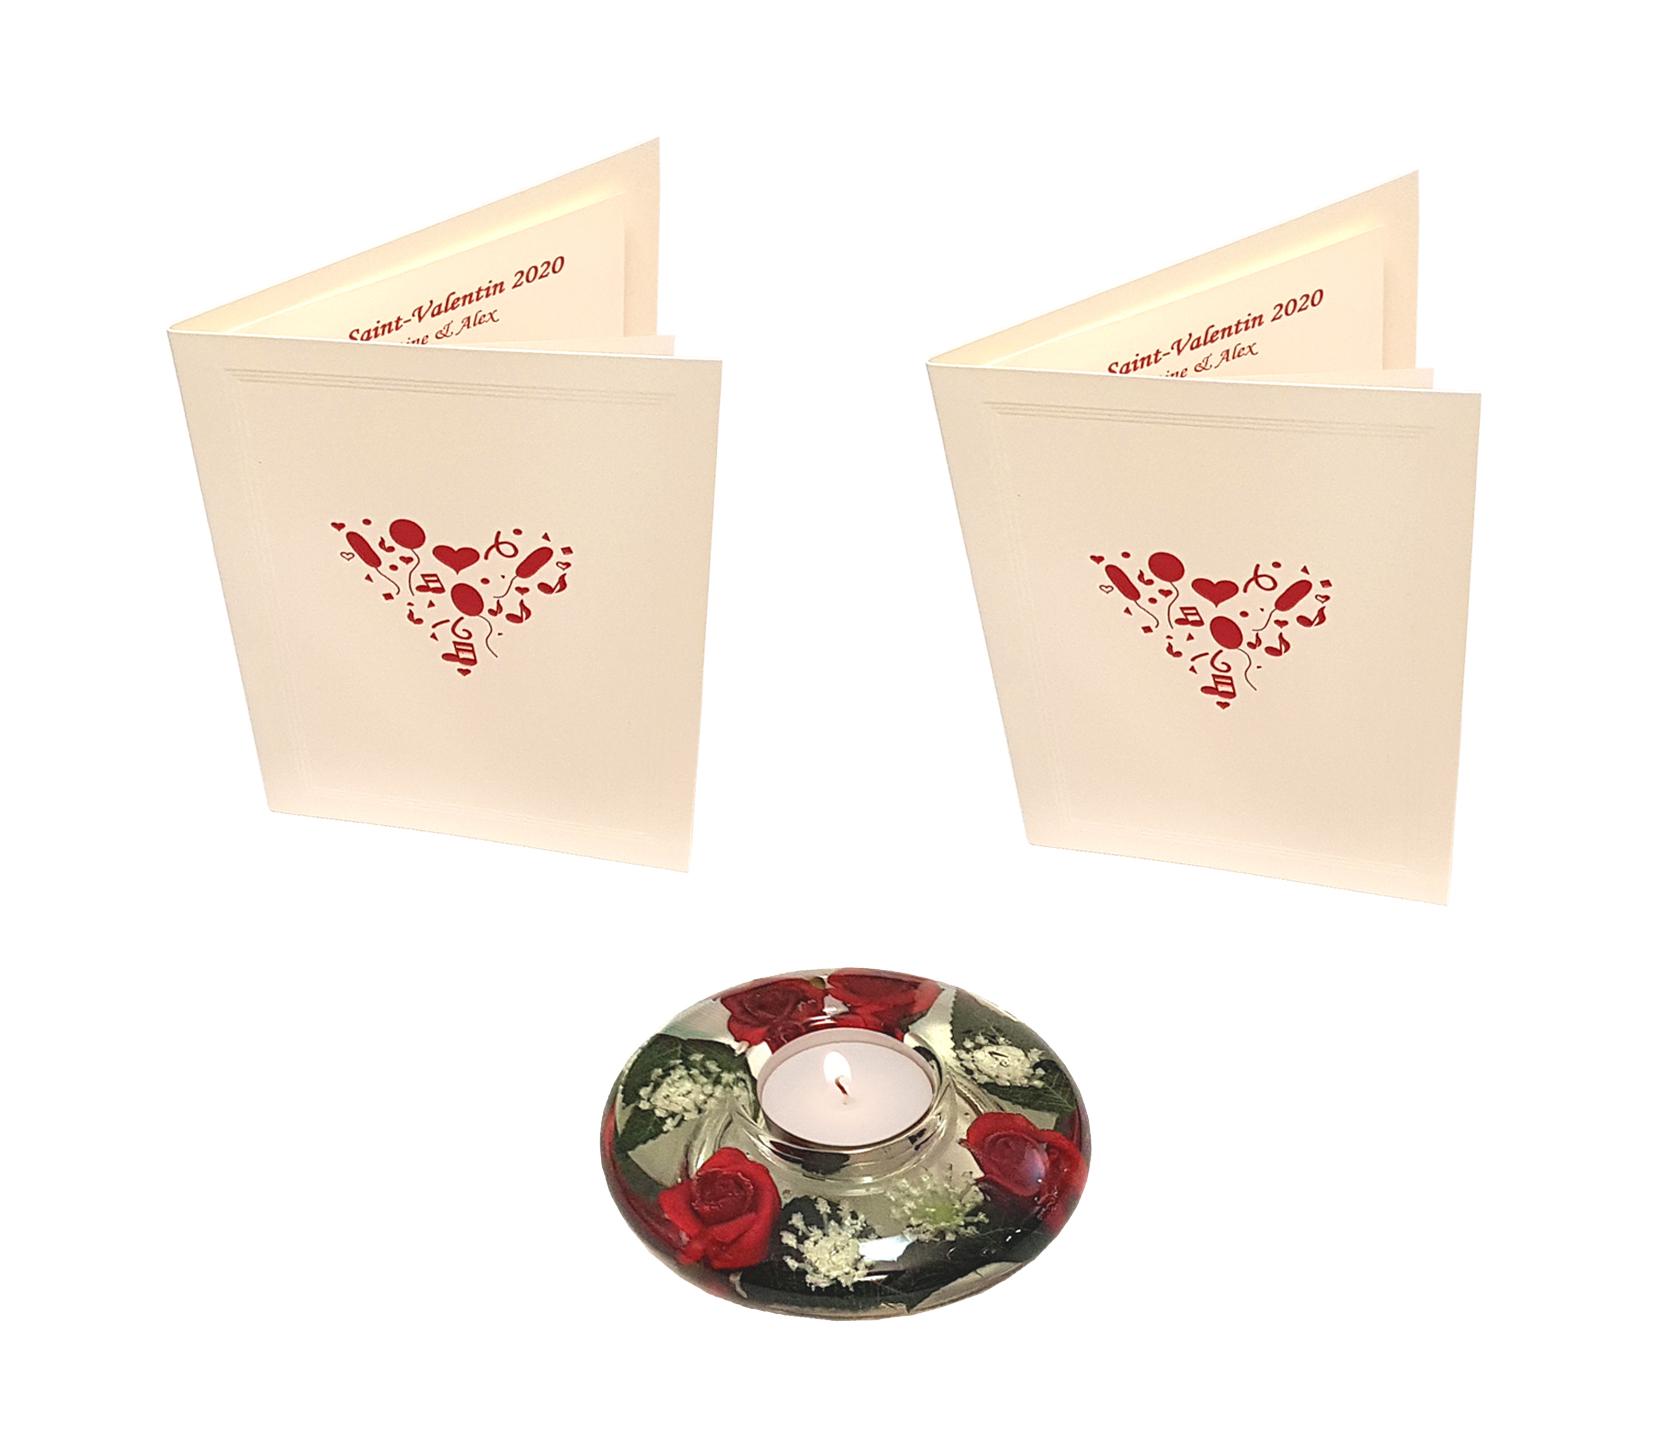 Offre Saint-Valentin : 2 cartes de menus à personnaliser + 1 bougeoir. Réf. 299